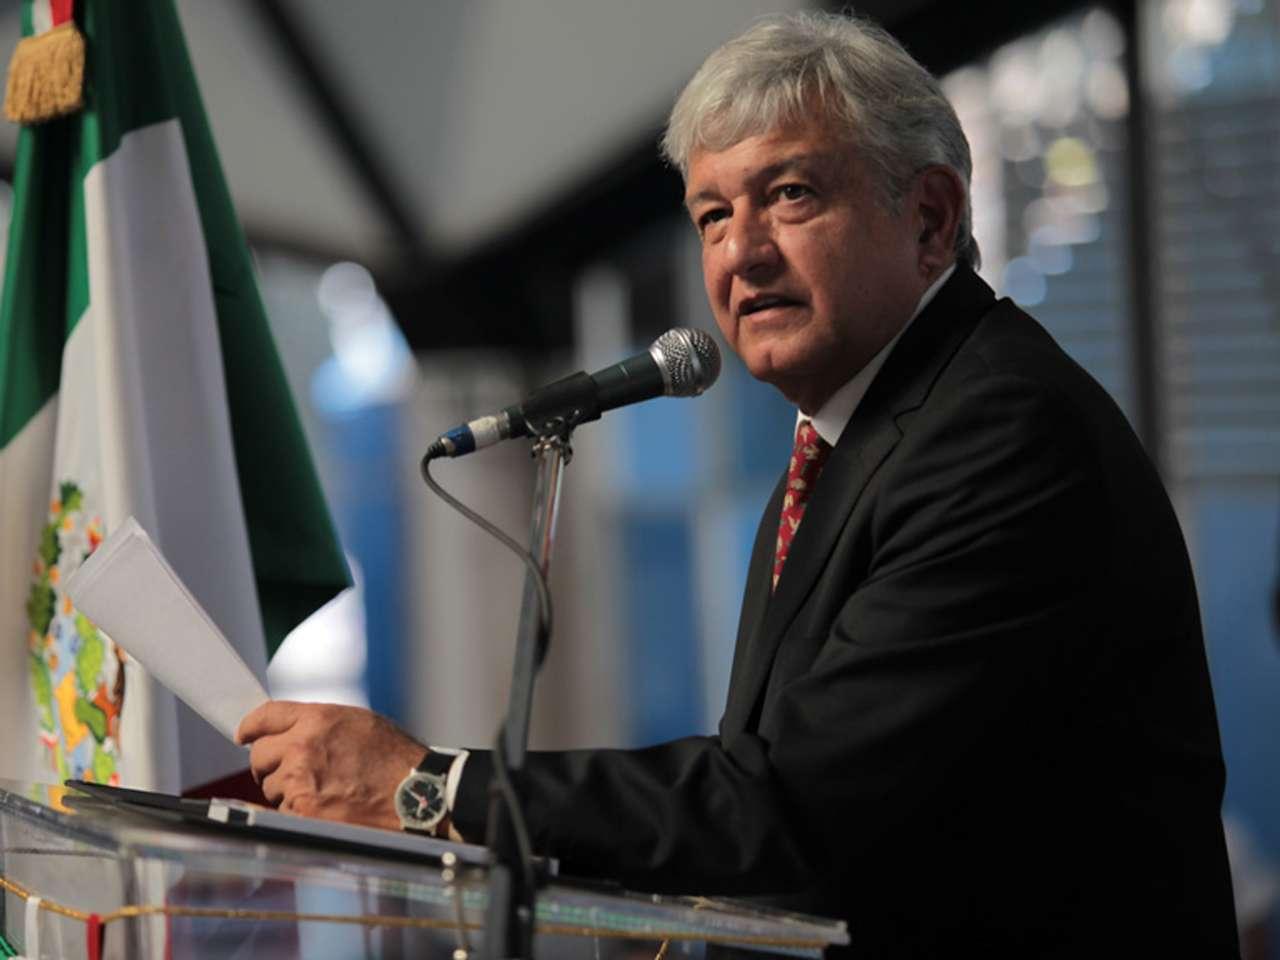 El presidente nacional de Morena llamó al pueblo de México a defender el petróleo de la Nación Foto: Morena/Archivo